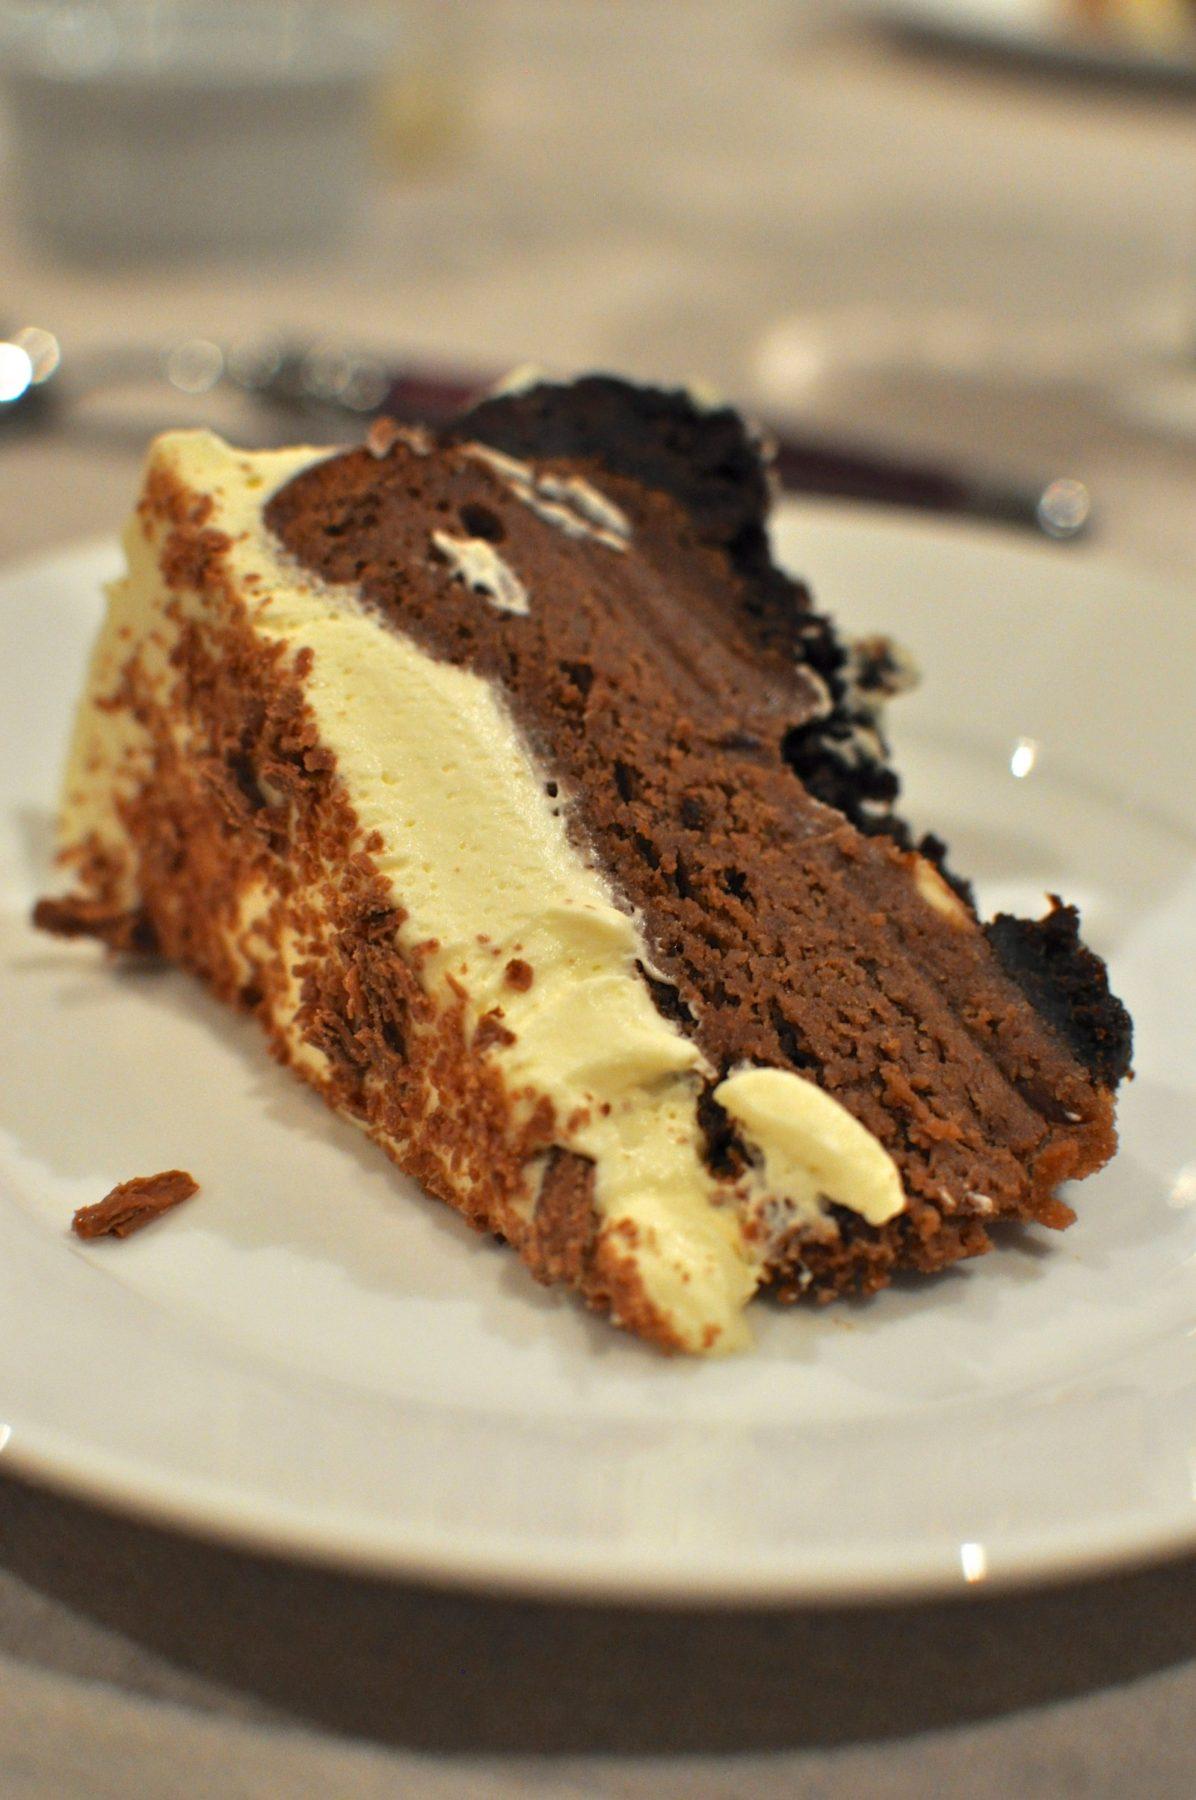 Chocolate cream cheesecake